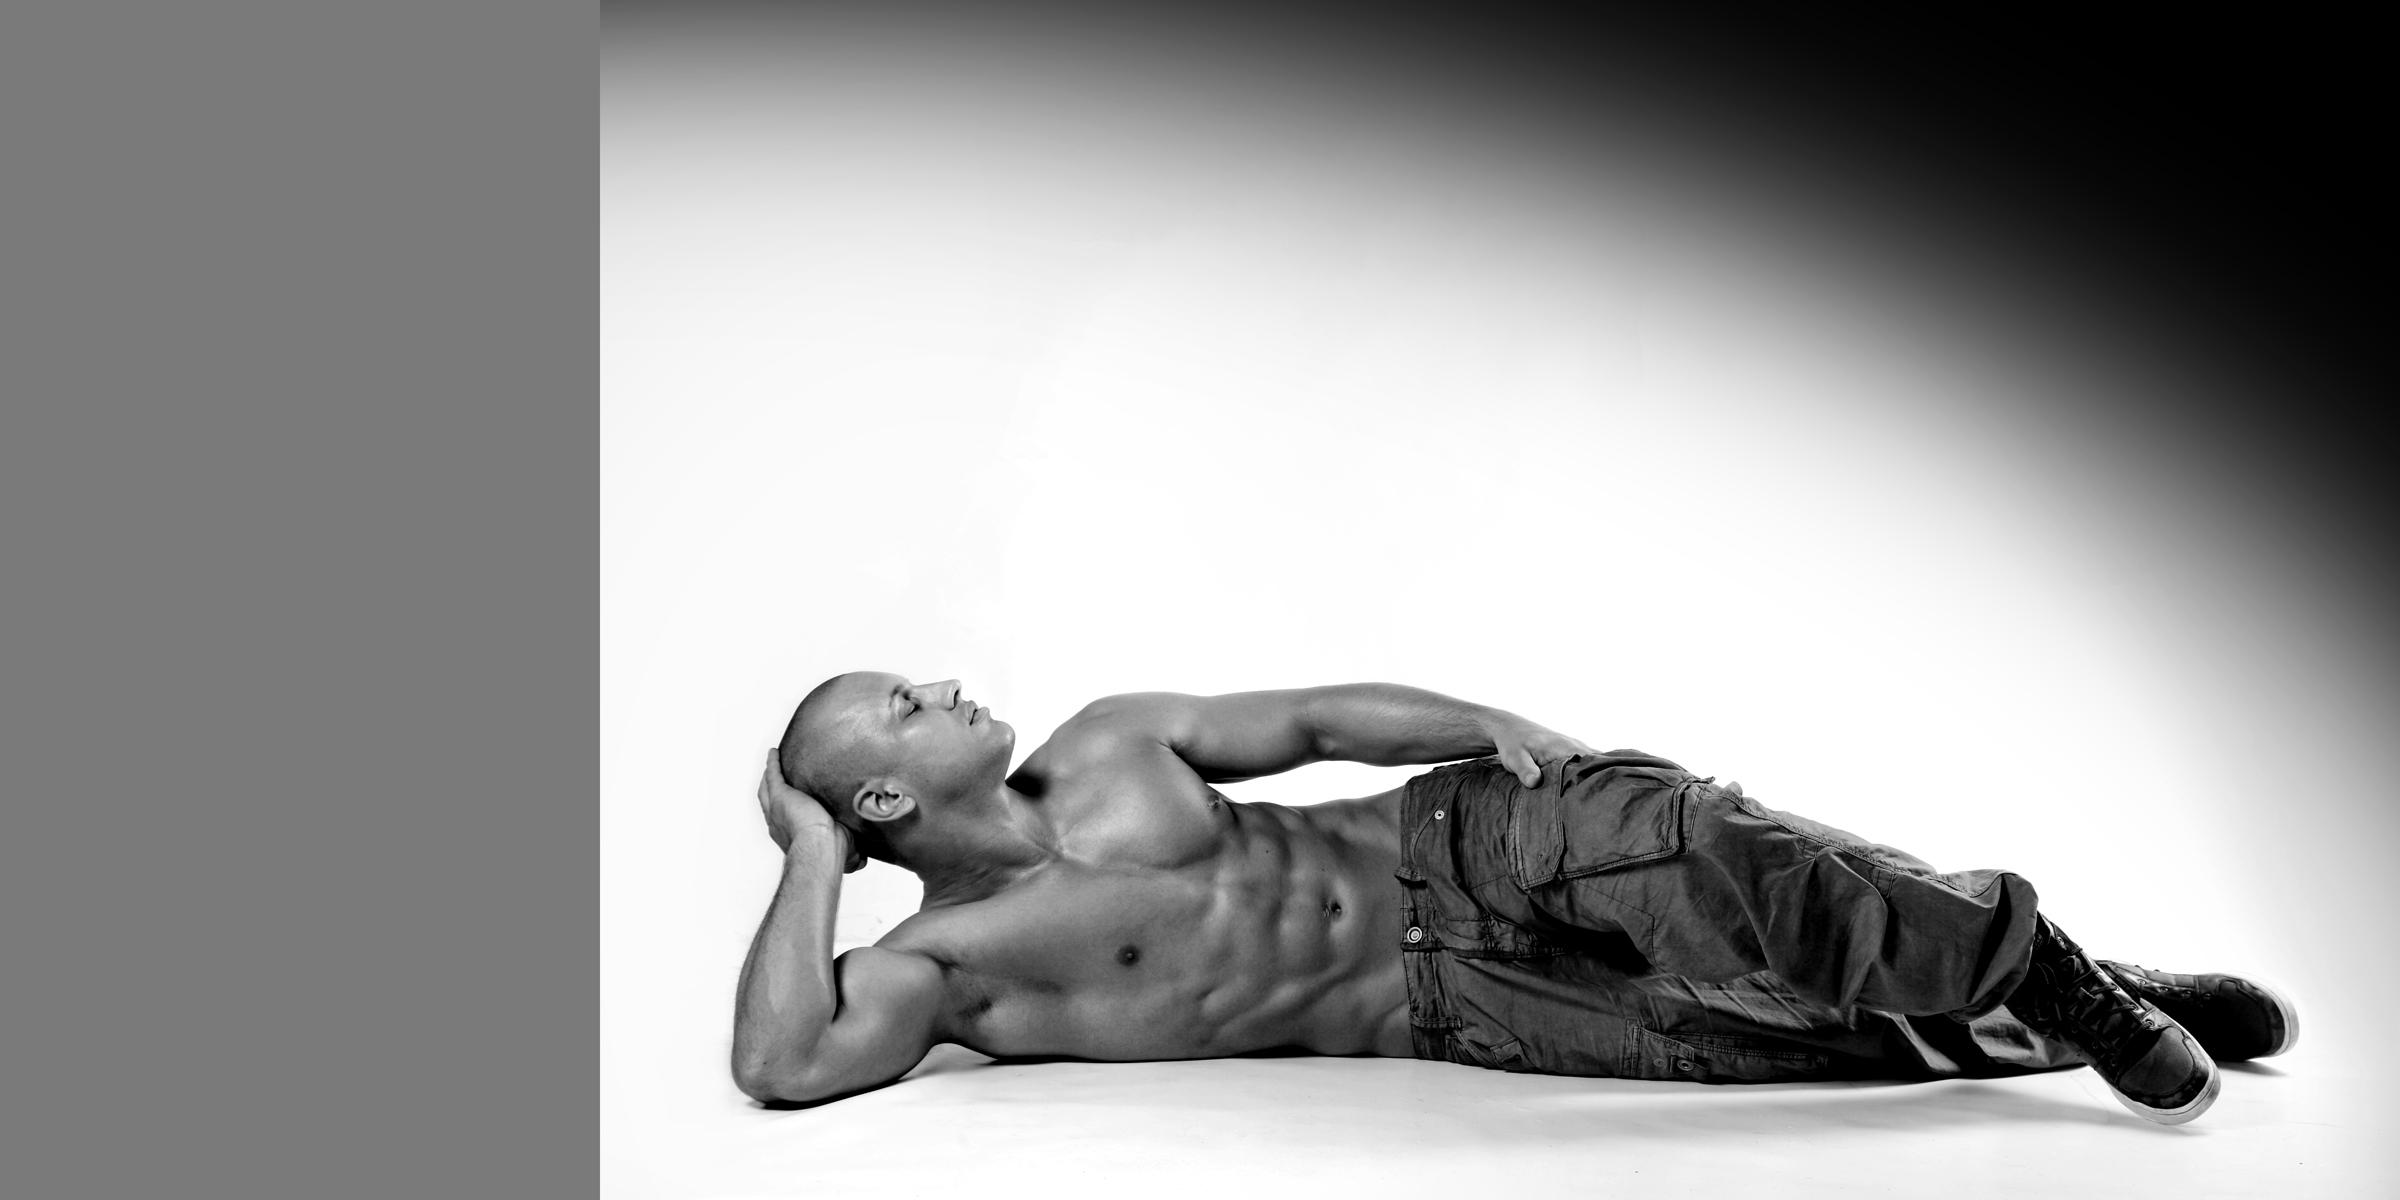 Ein sportlicher liegender Mann in Jeans, mit nacktem Oberkörper der die Augen entspannt geschlossen hat.